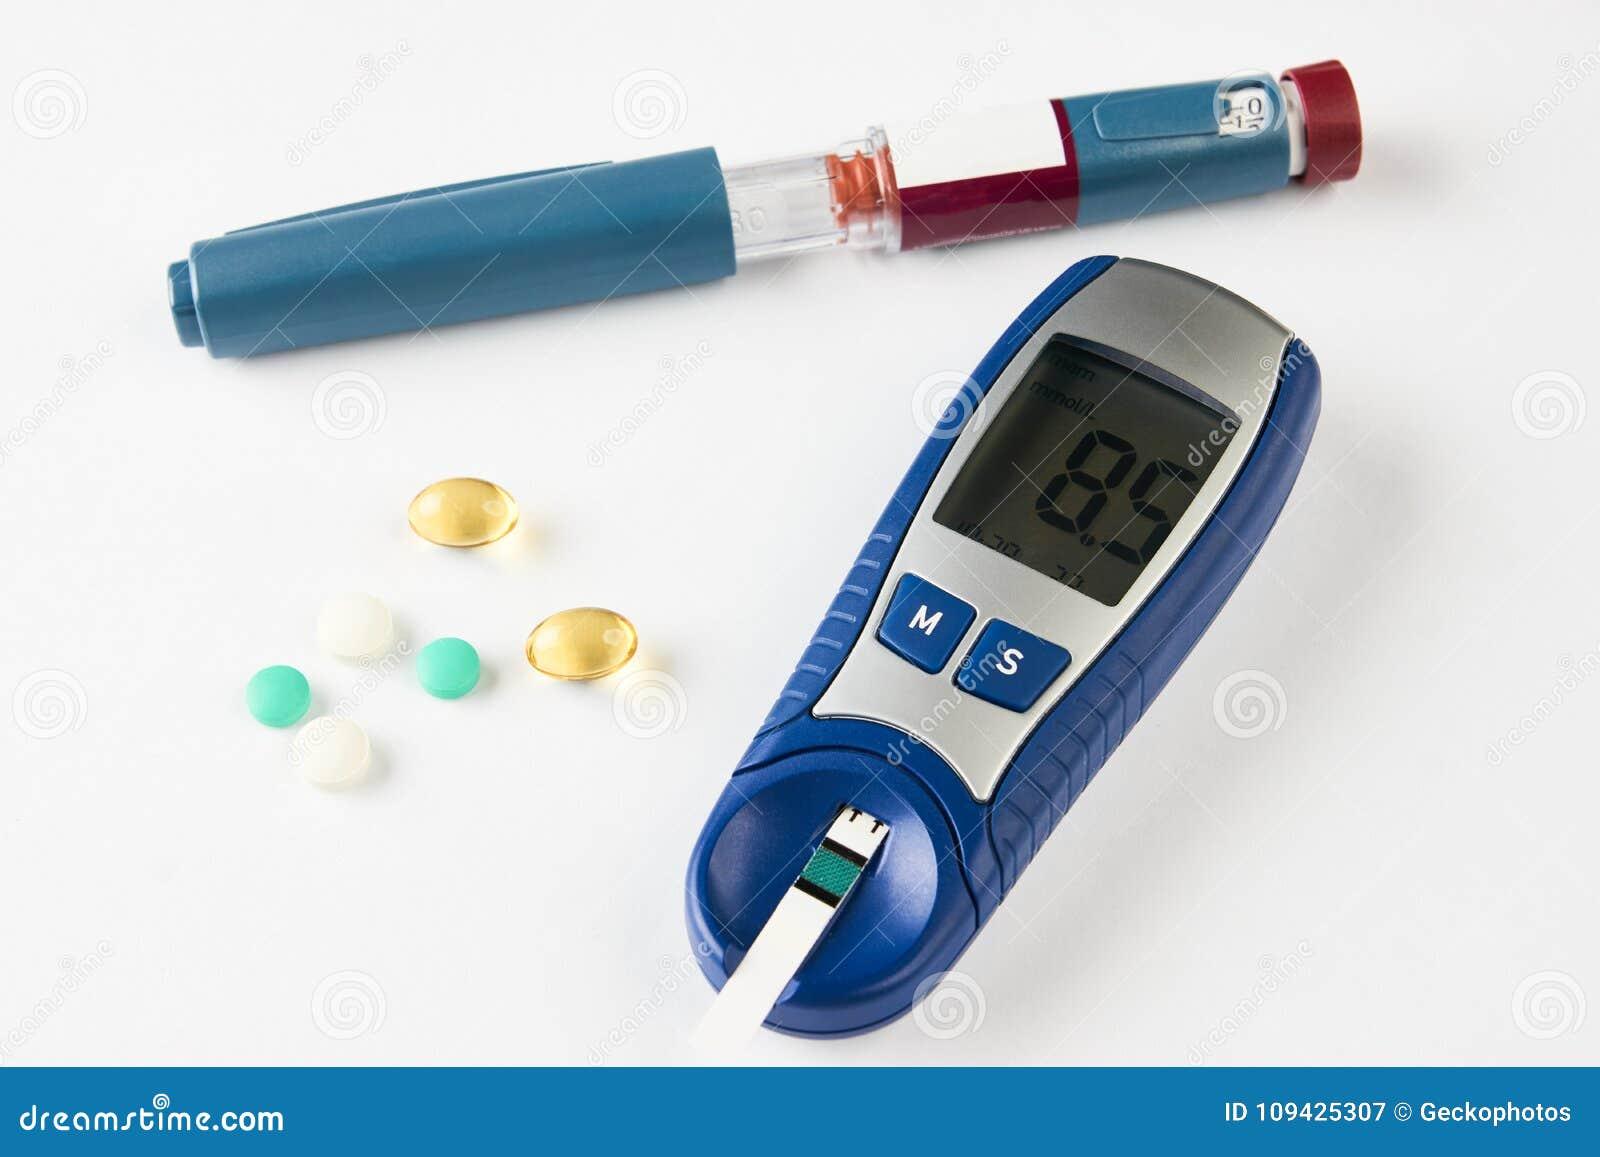 prueba de azúcar en la sangre para la diabetes